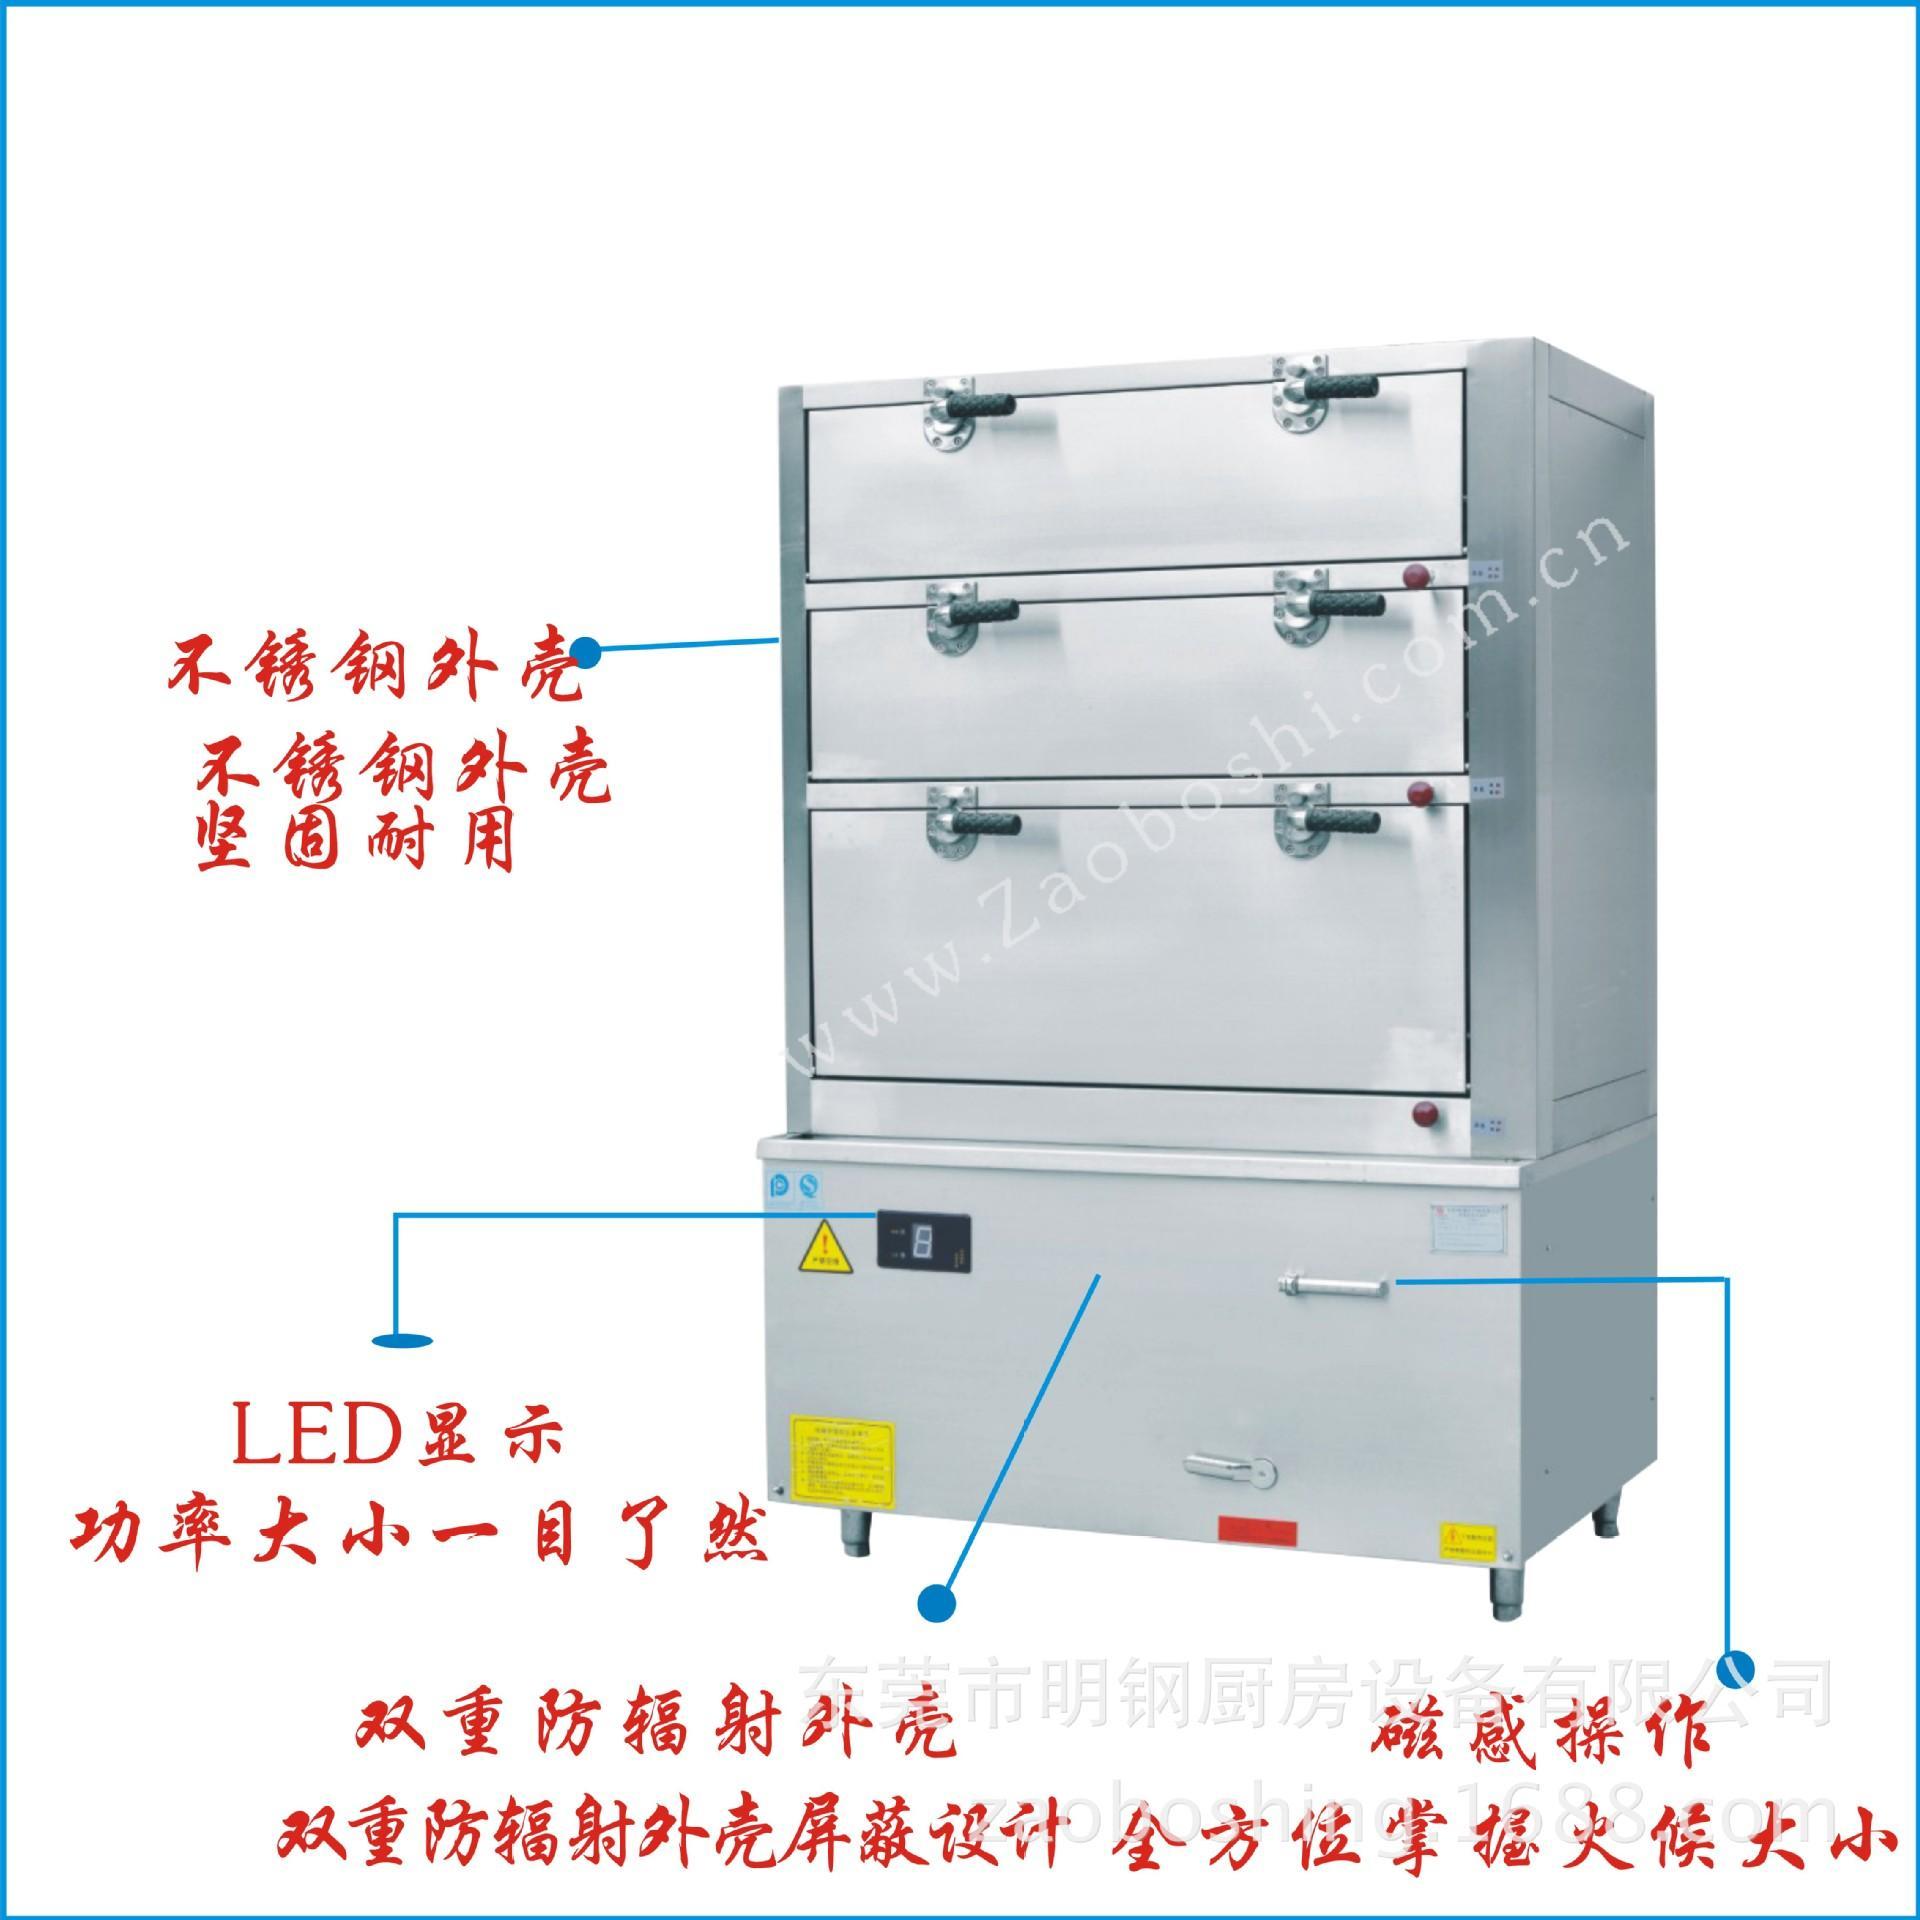 商用电磁炉 20kw三门海鲜蒸柜大功率蒸饭柜官方正品